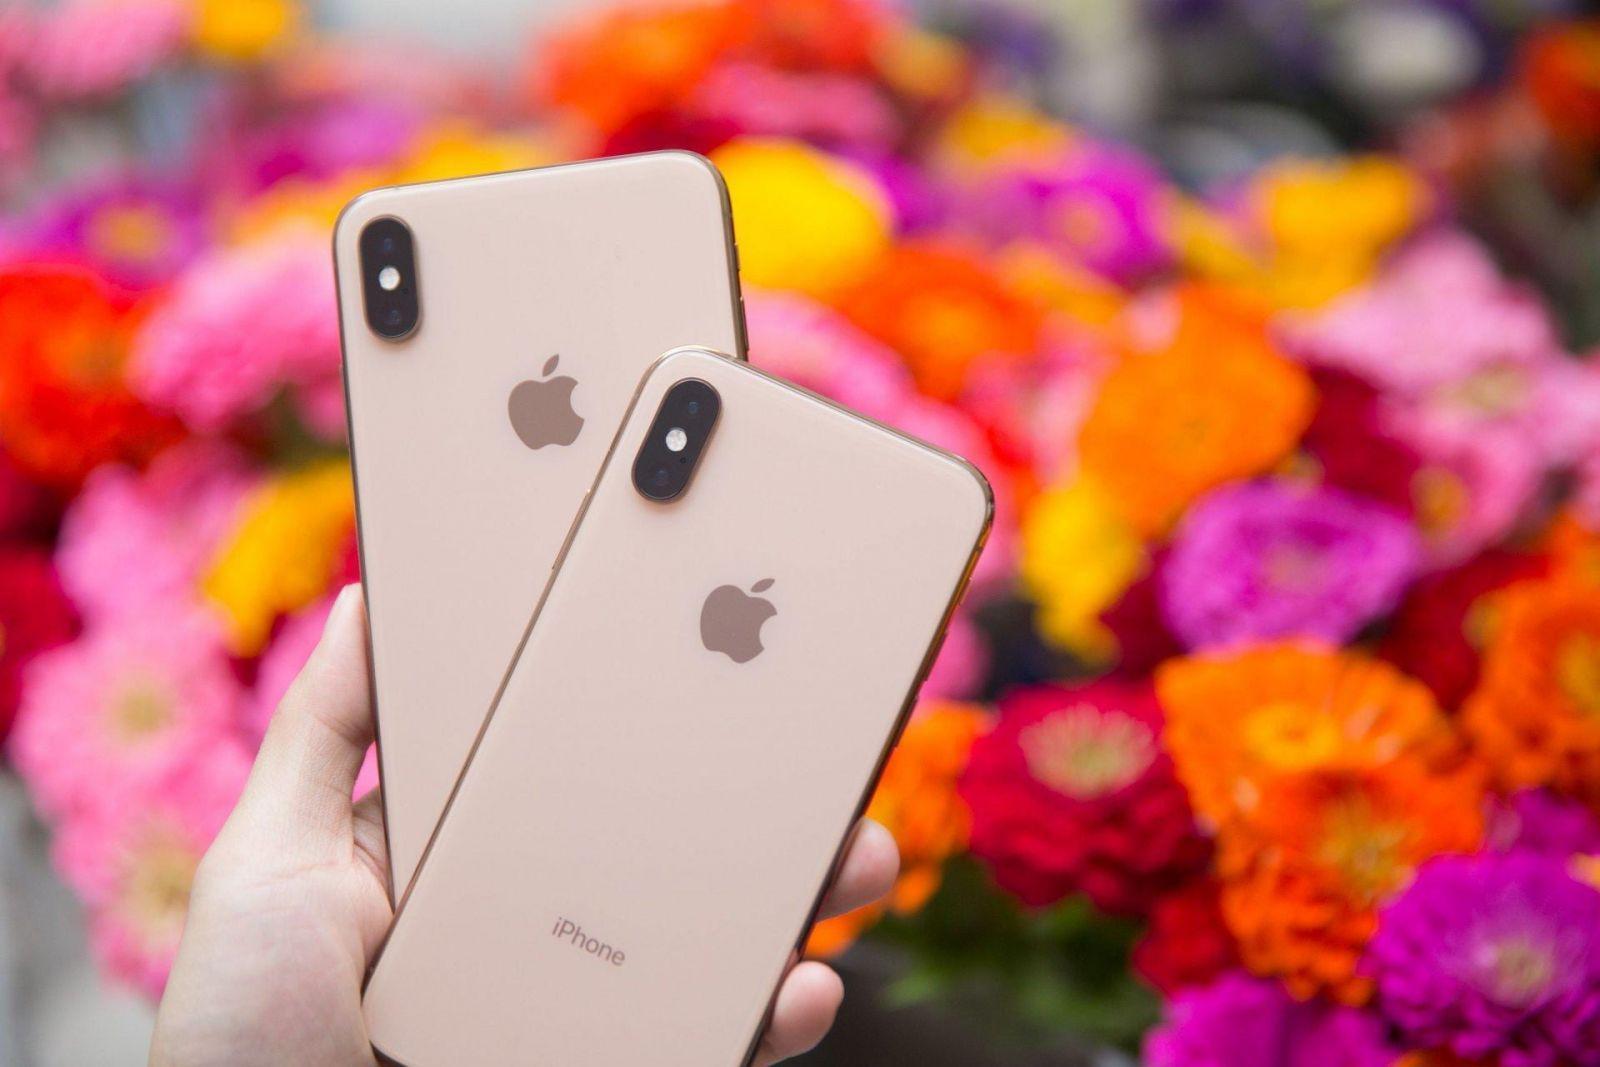 Apple может сделать компактный iPhone в 2020 году (uploads2fcard2fimage2f8471592f5cf66602 2926 49e8 9559 d0d50ea2635c.jpg2foriginal)